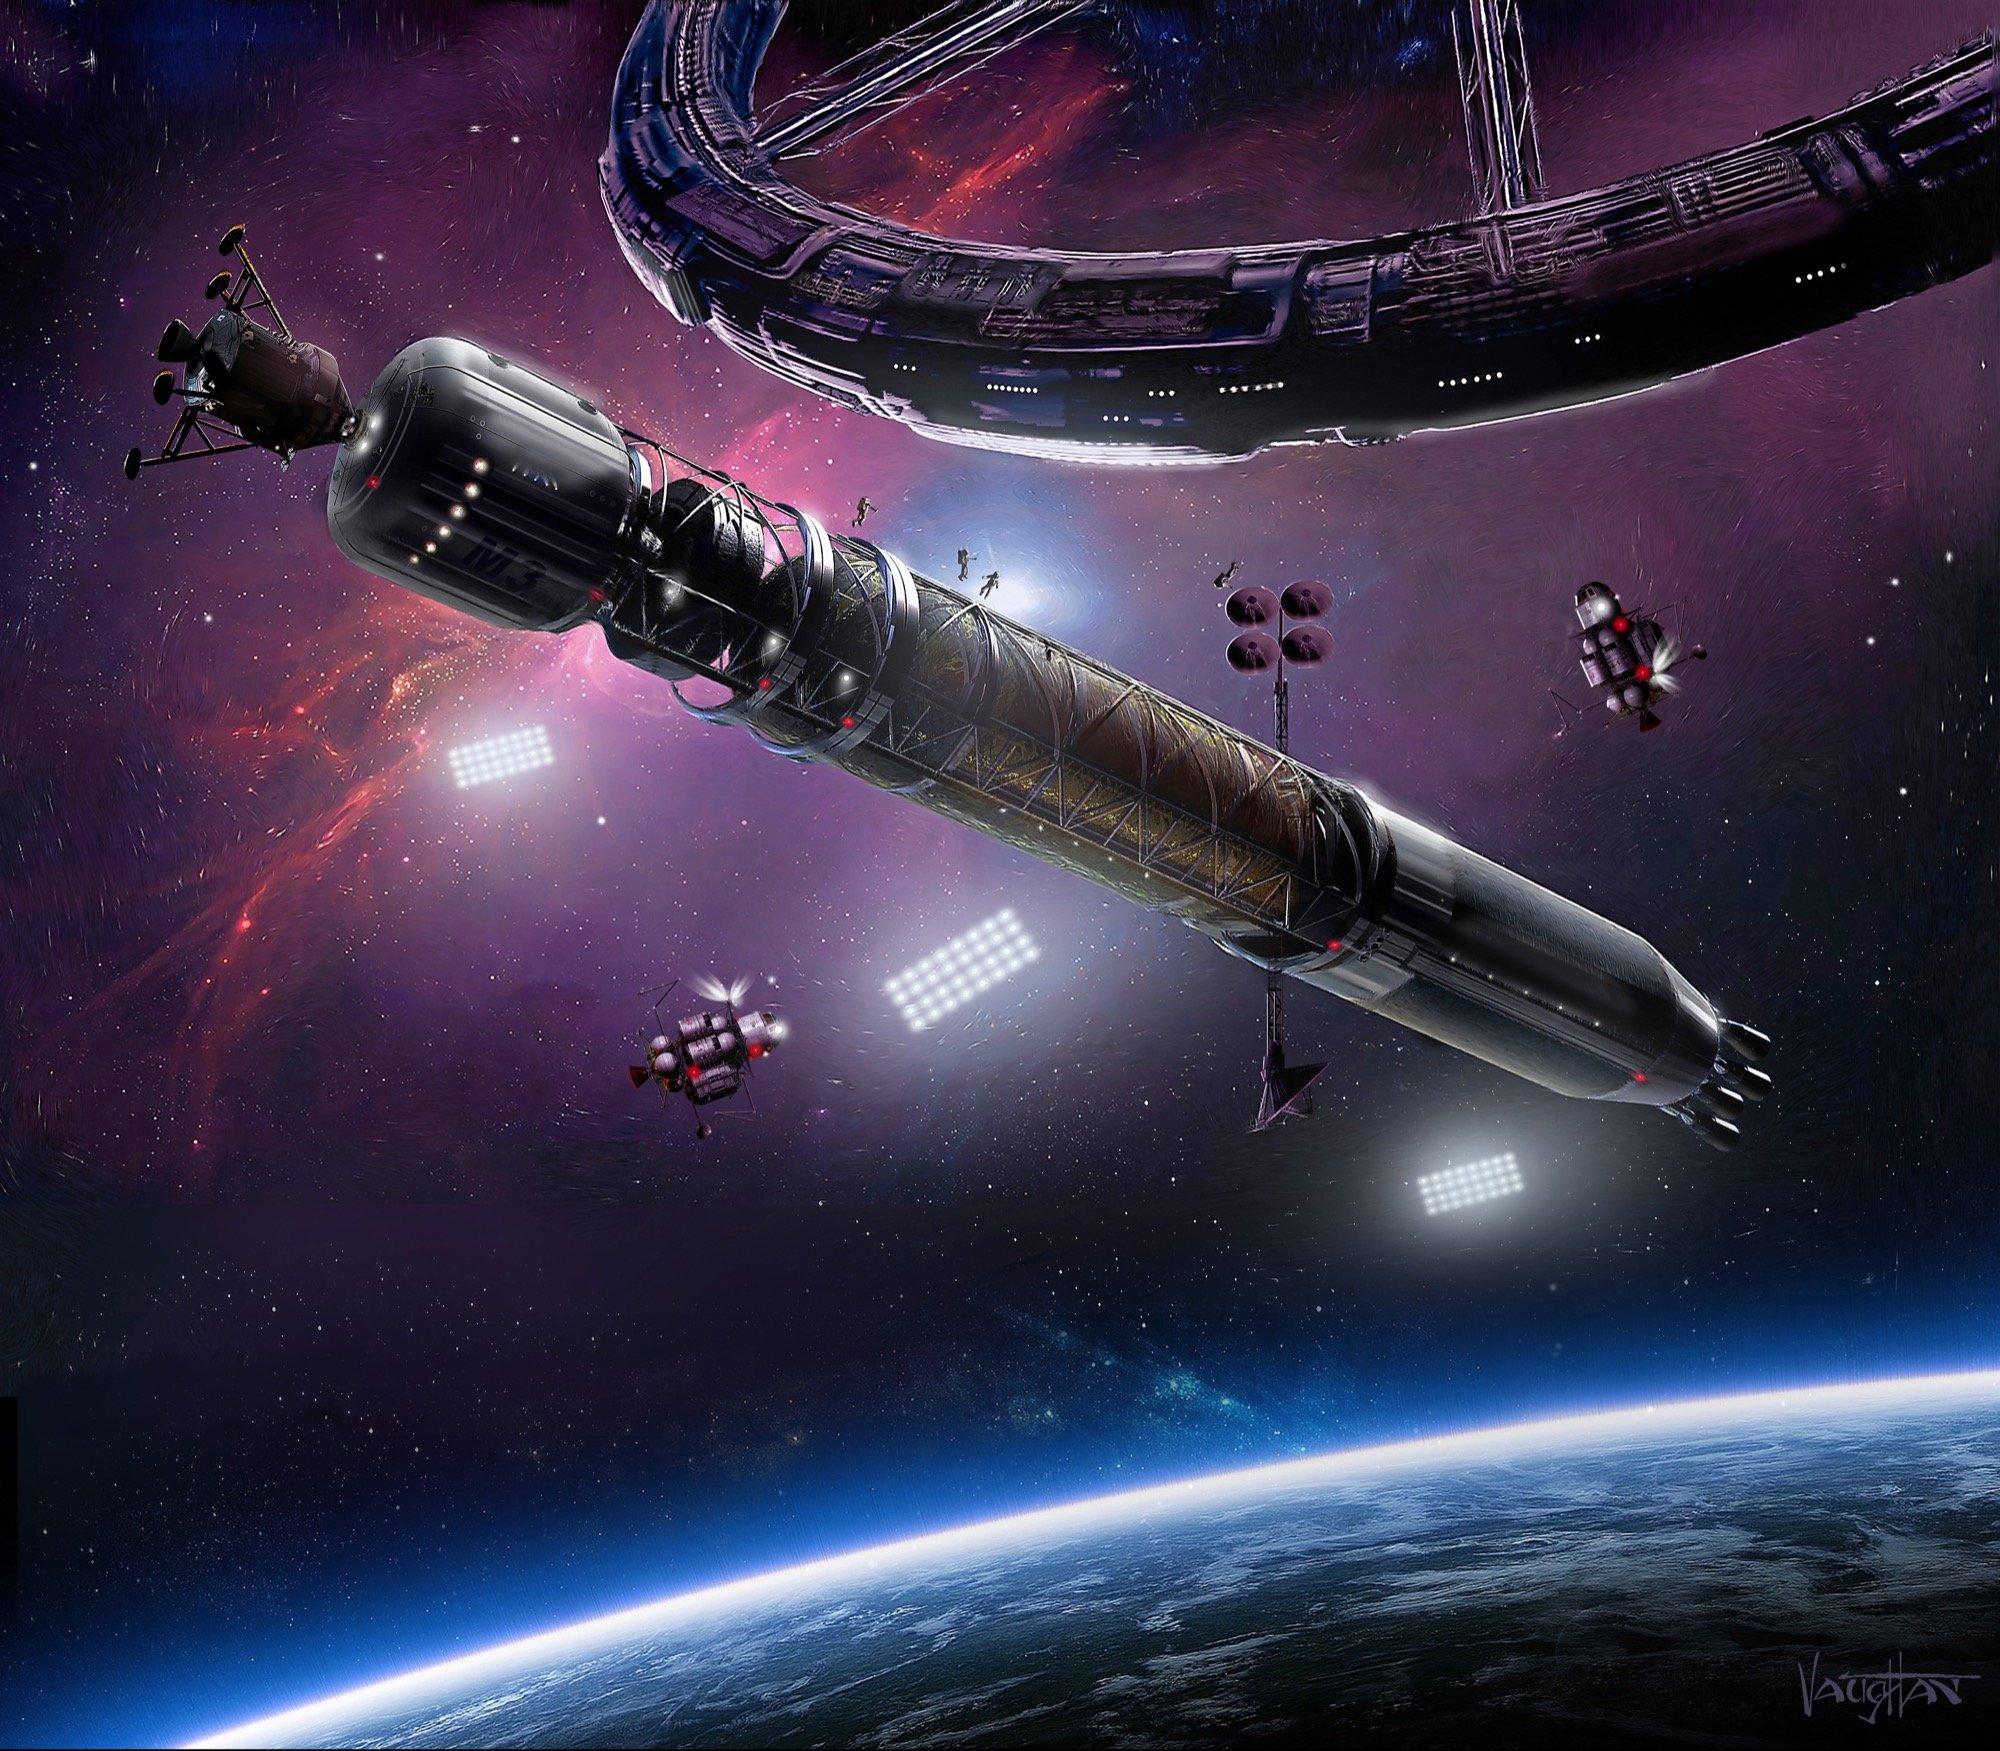 İlk Uzay Ülkesi Asgardia'da Vatandaş Olabilmenin Fiyatı Açıklandı ile ilgili görsel sonucu